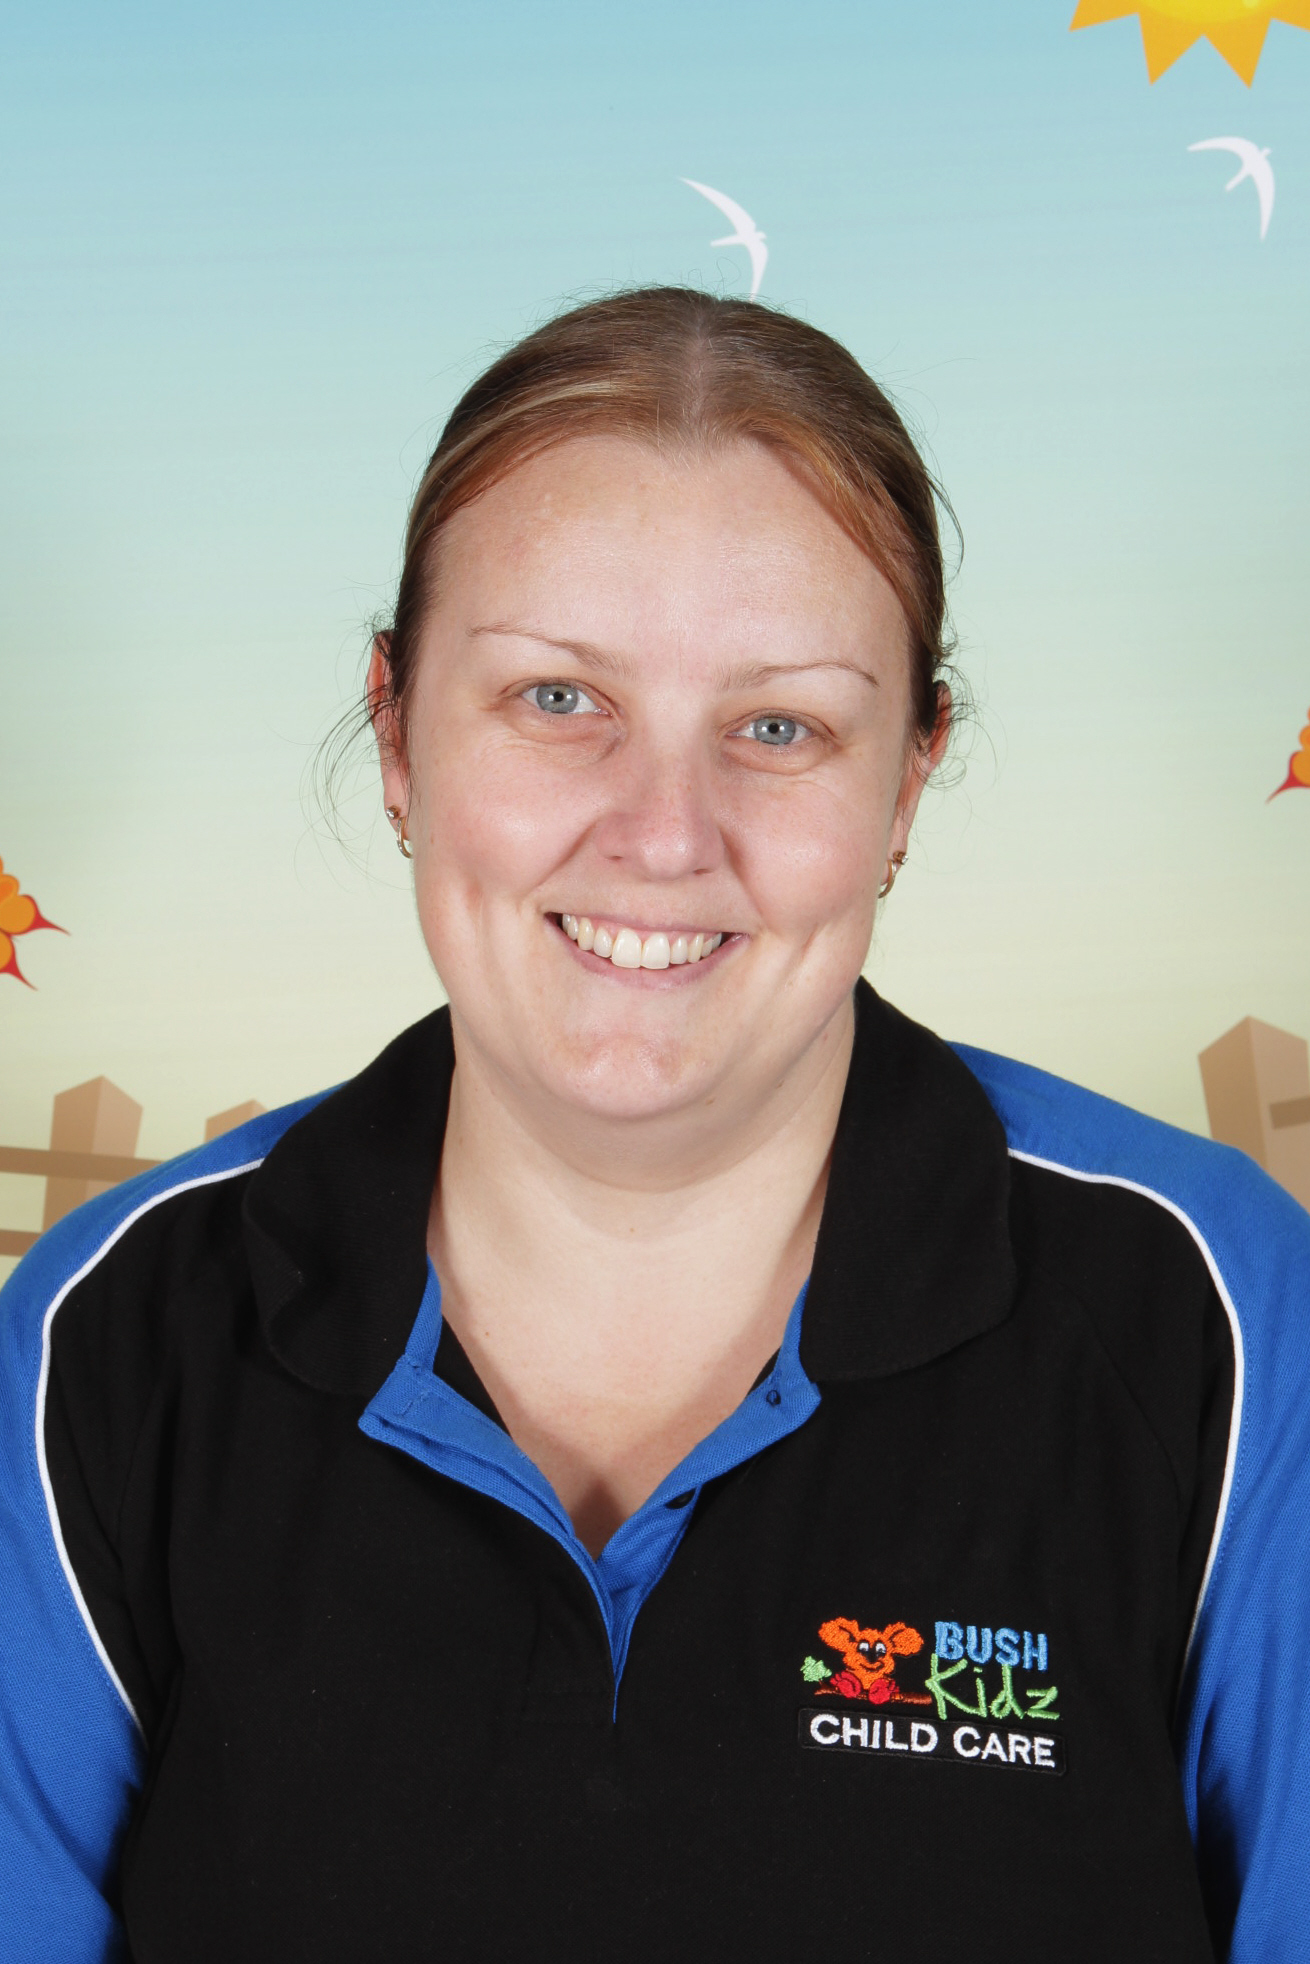 Goessler, Melissa   Bush kidz Child Care Centre Brassall Educator